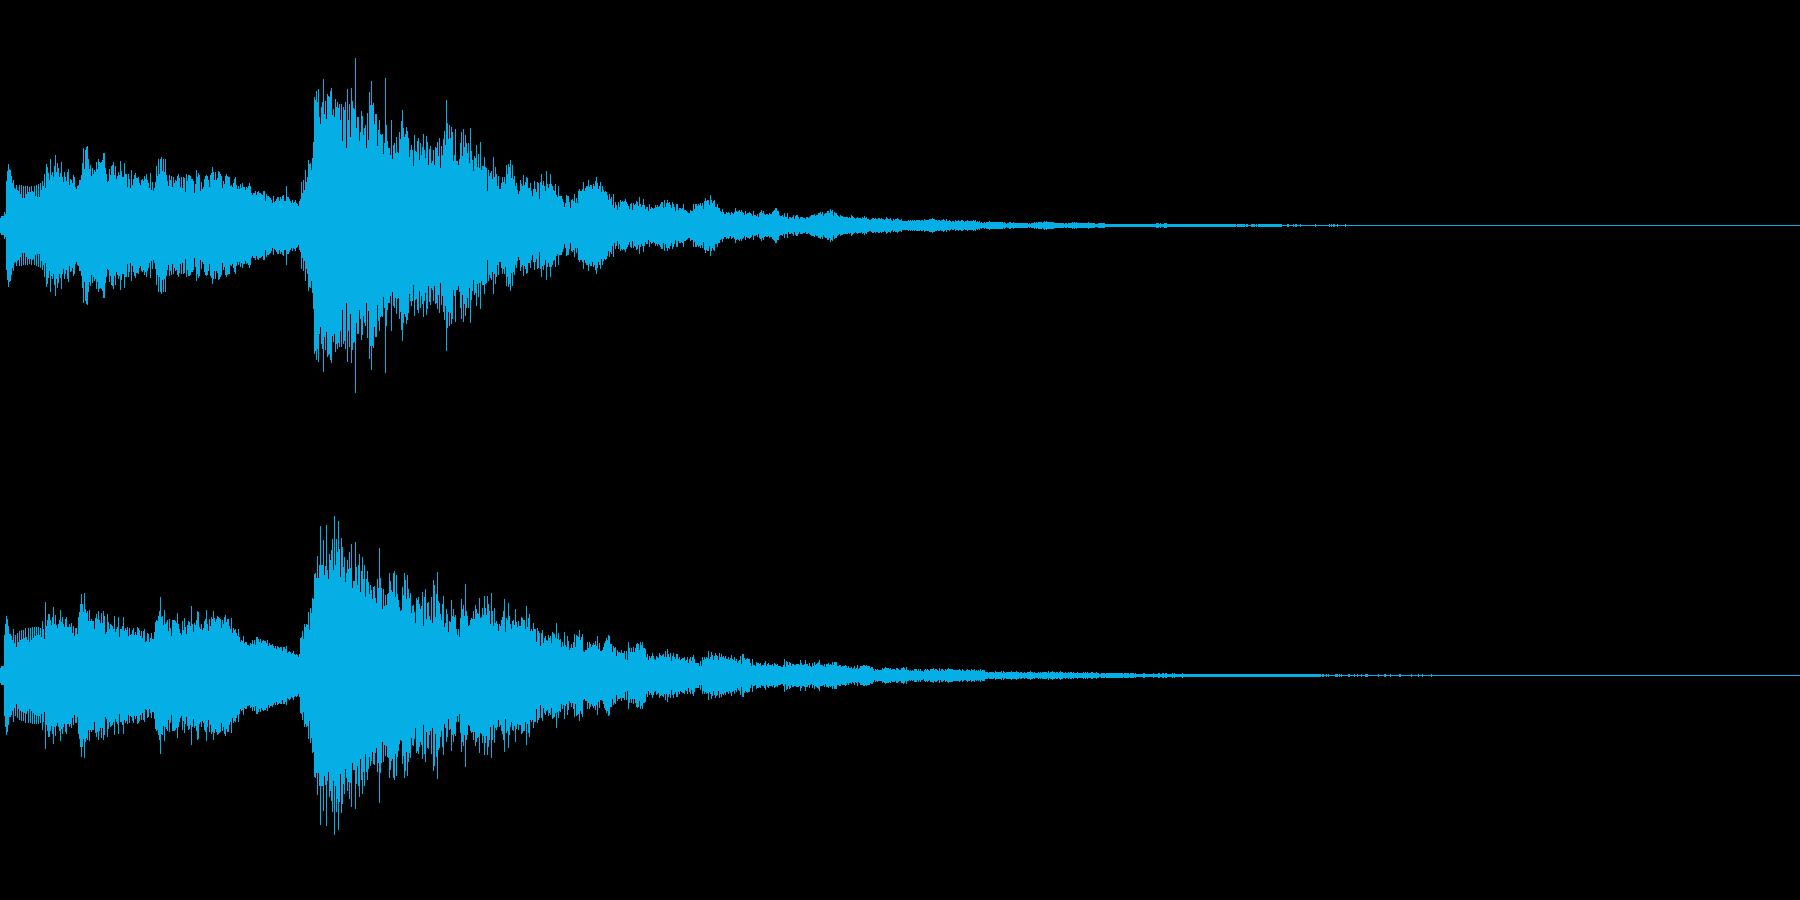 システム起動音_その7の再生済みの波形